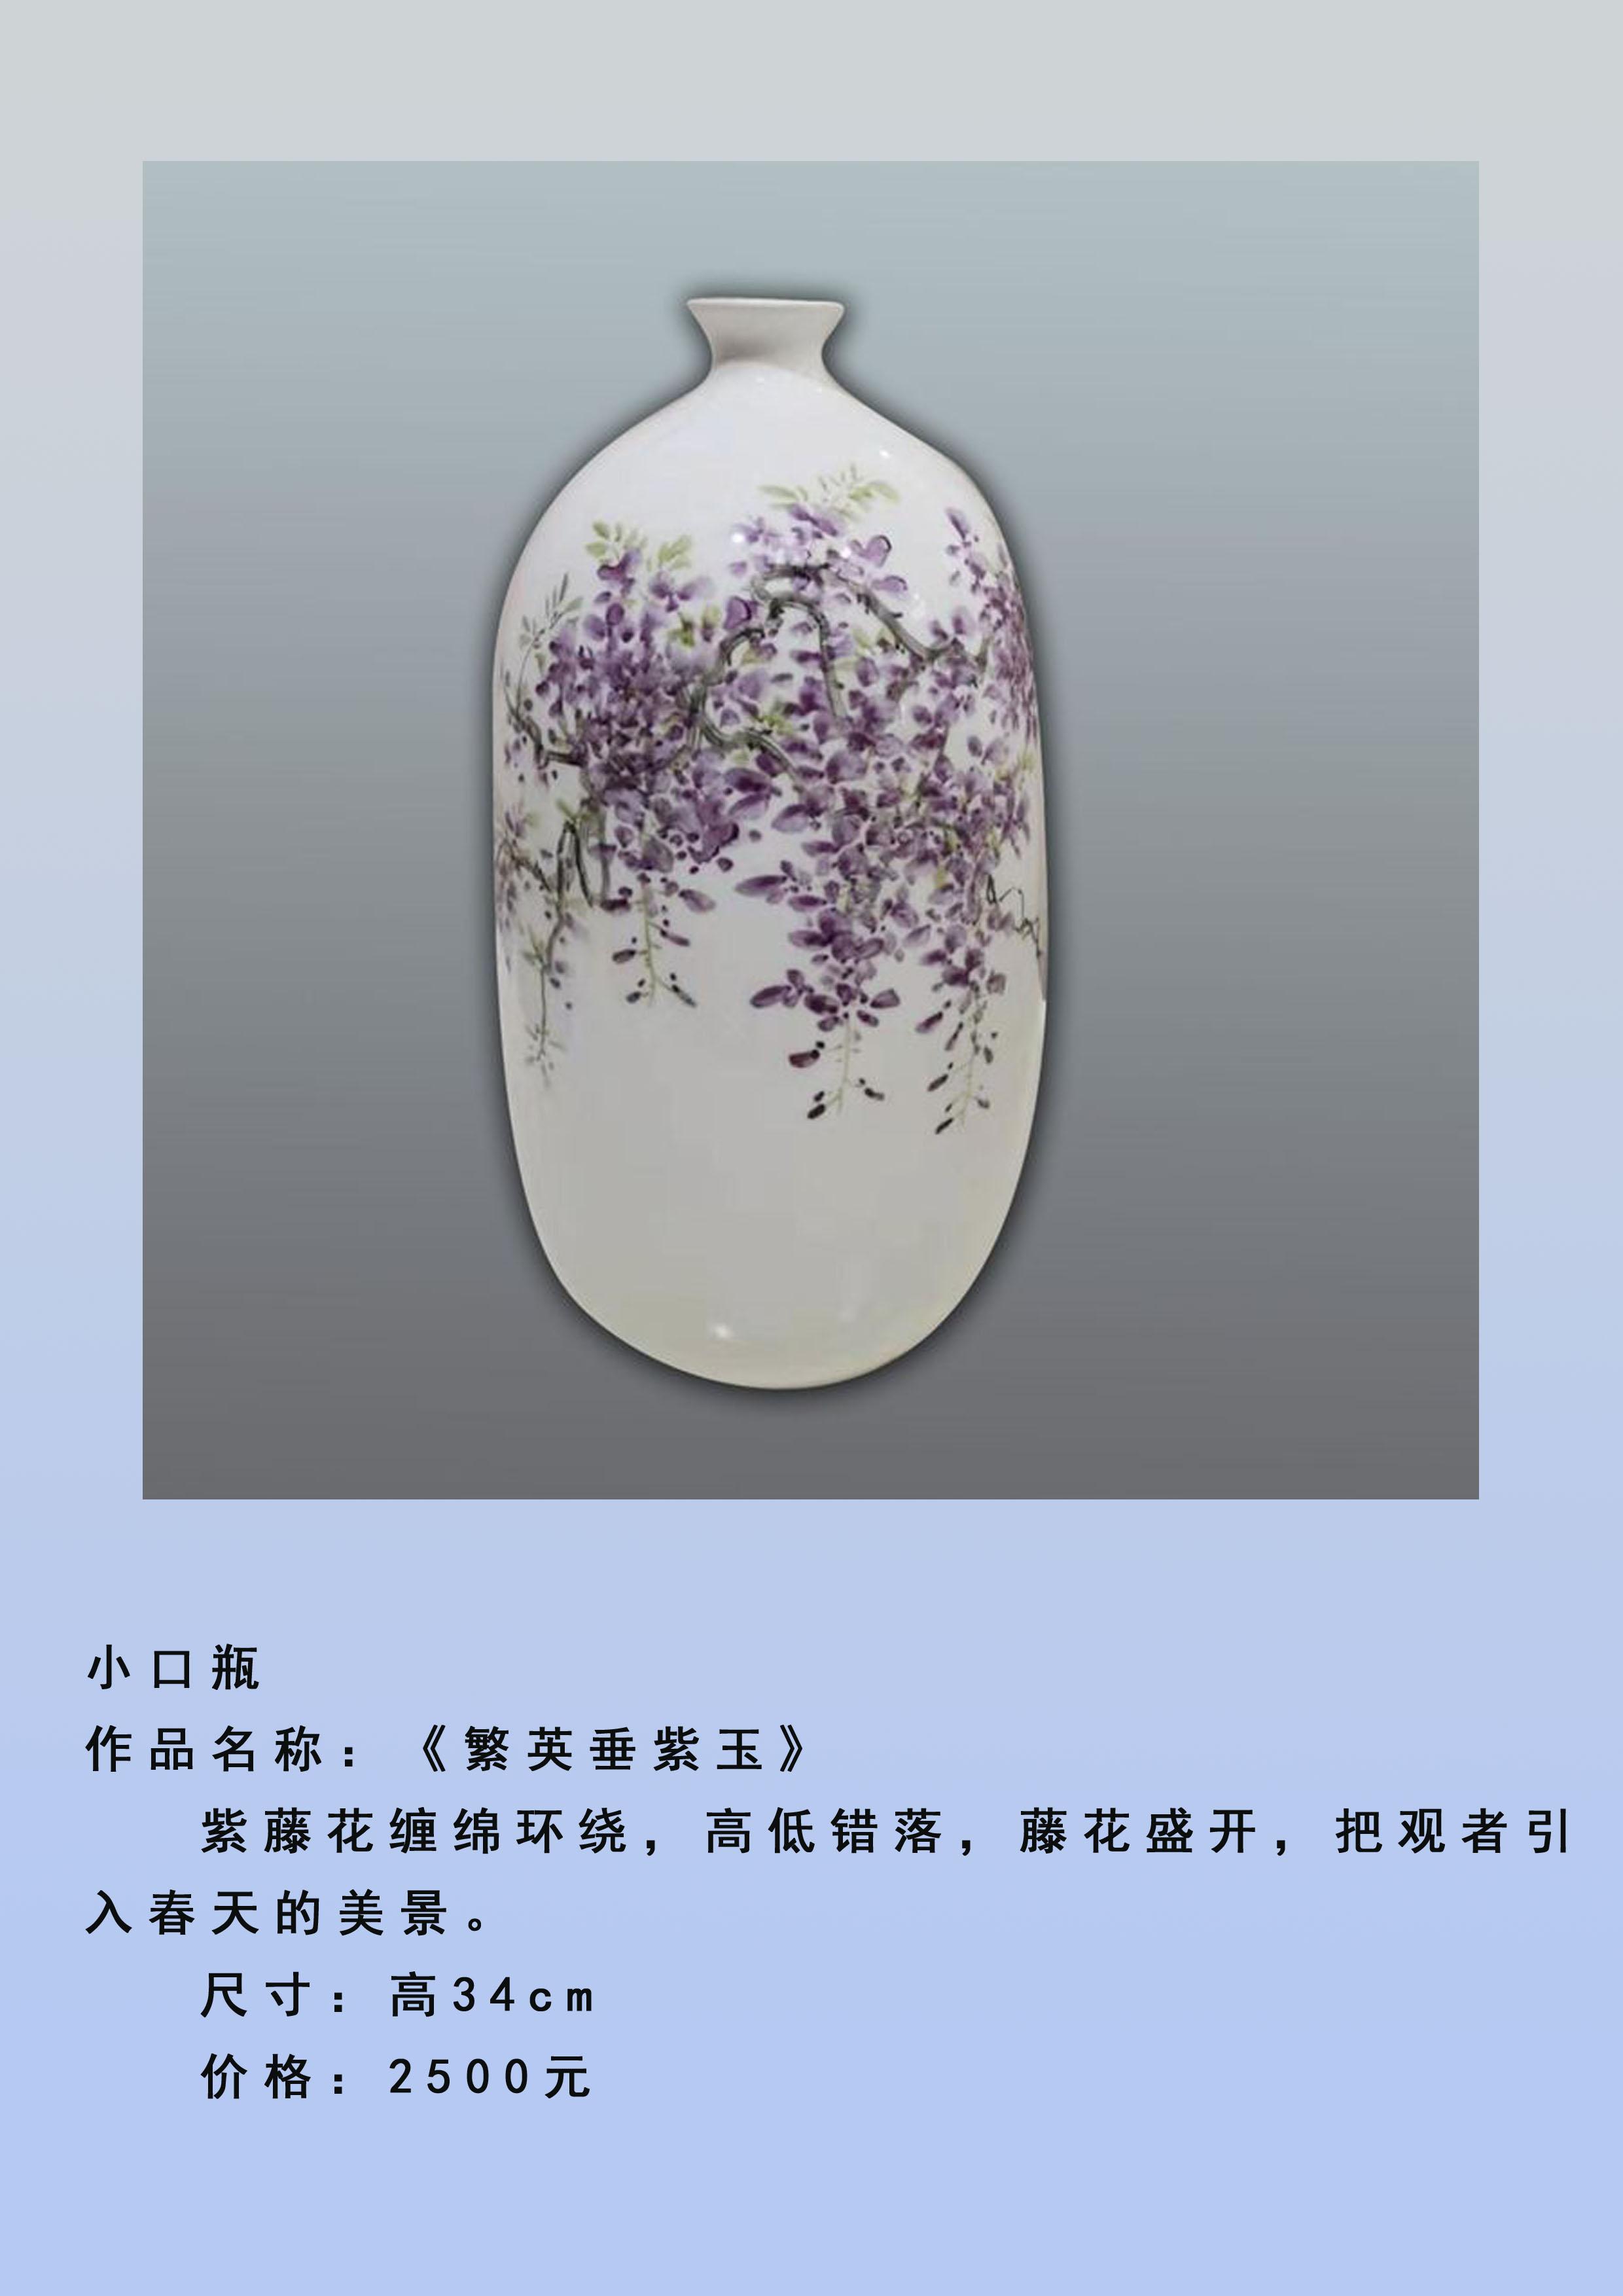 繁英垂紫玉